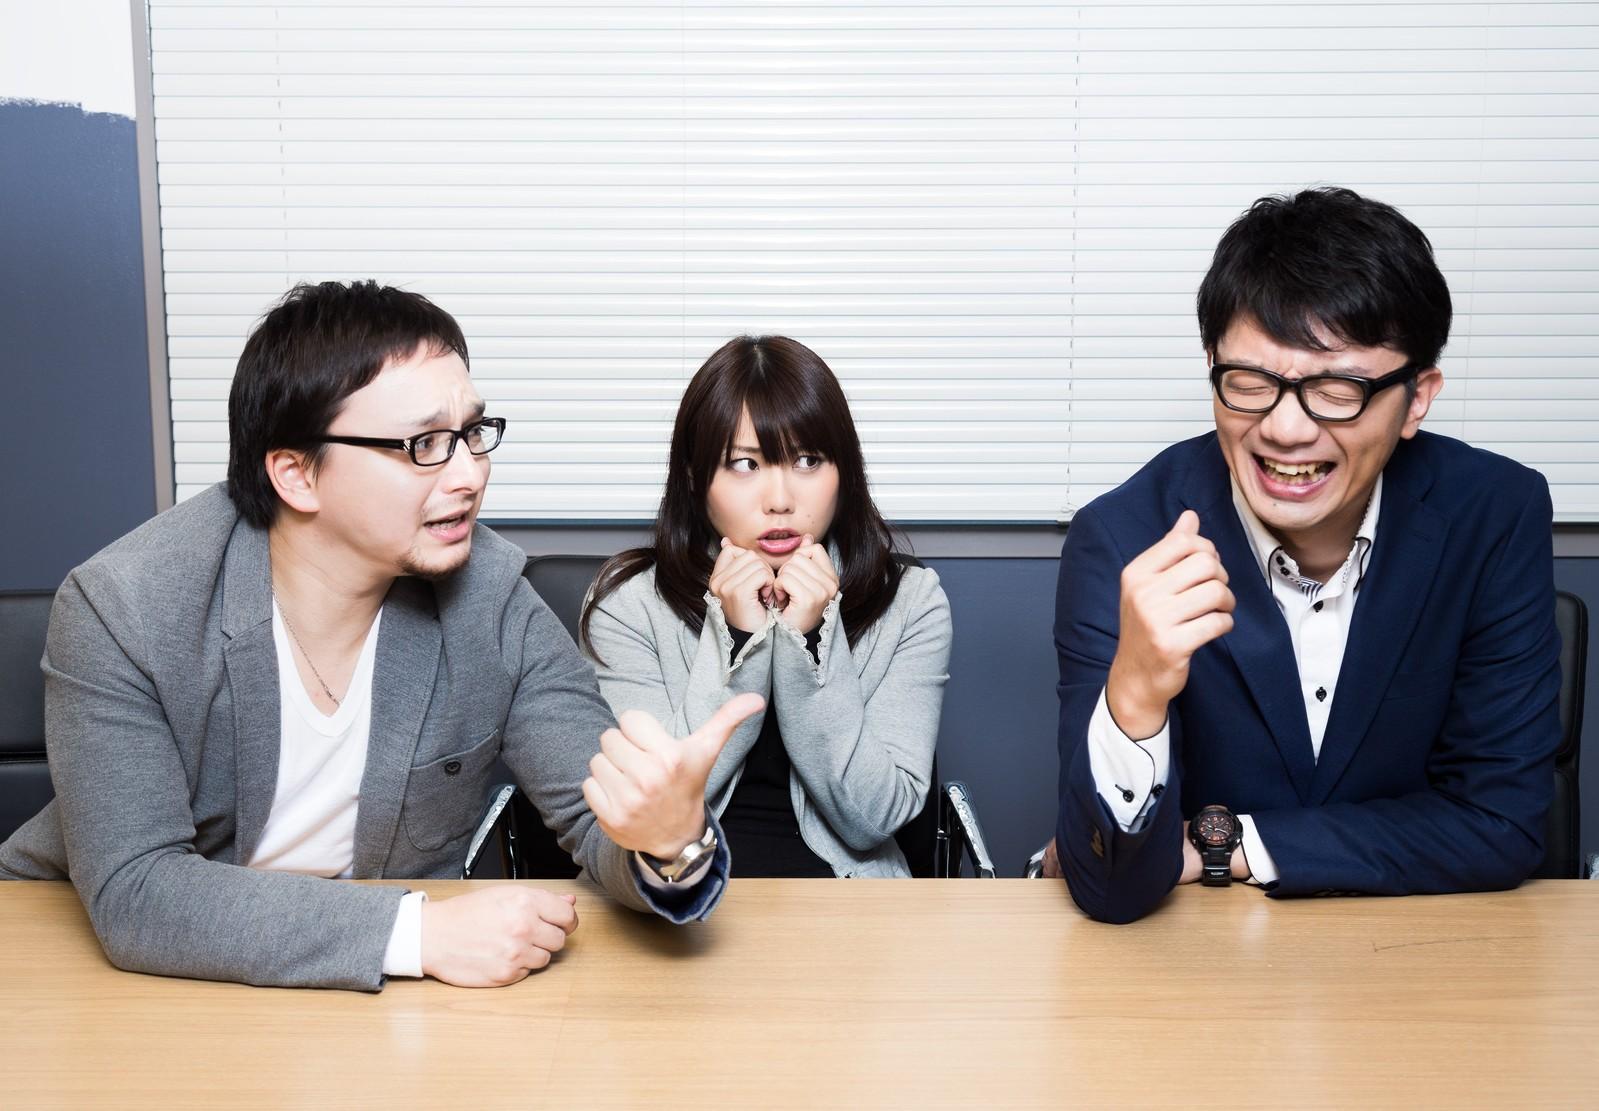 新入社員の会議参加意識②新しい視点をもつ